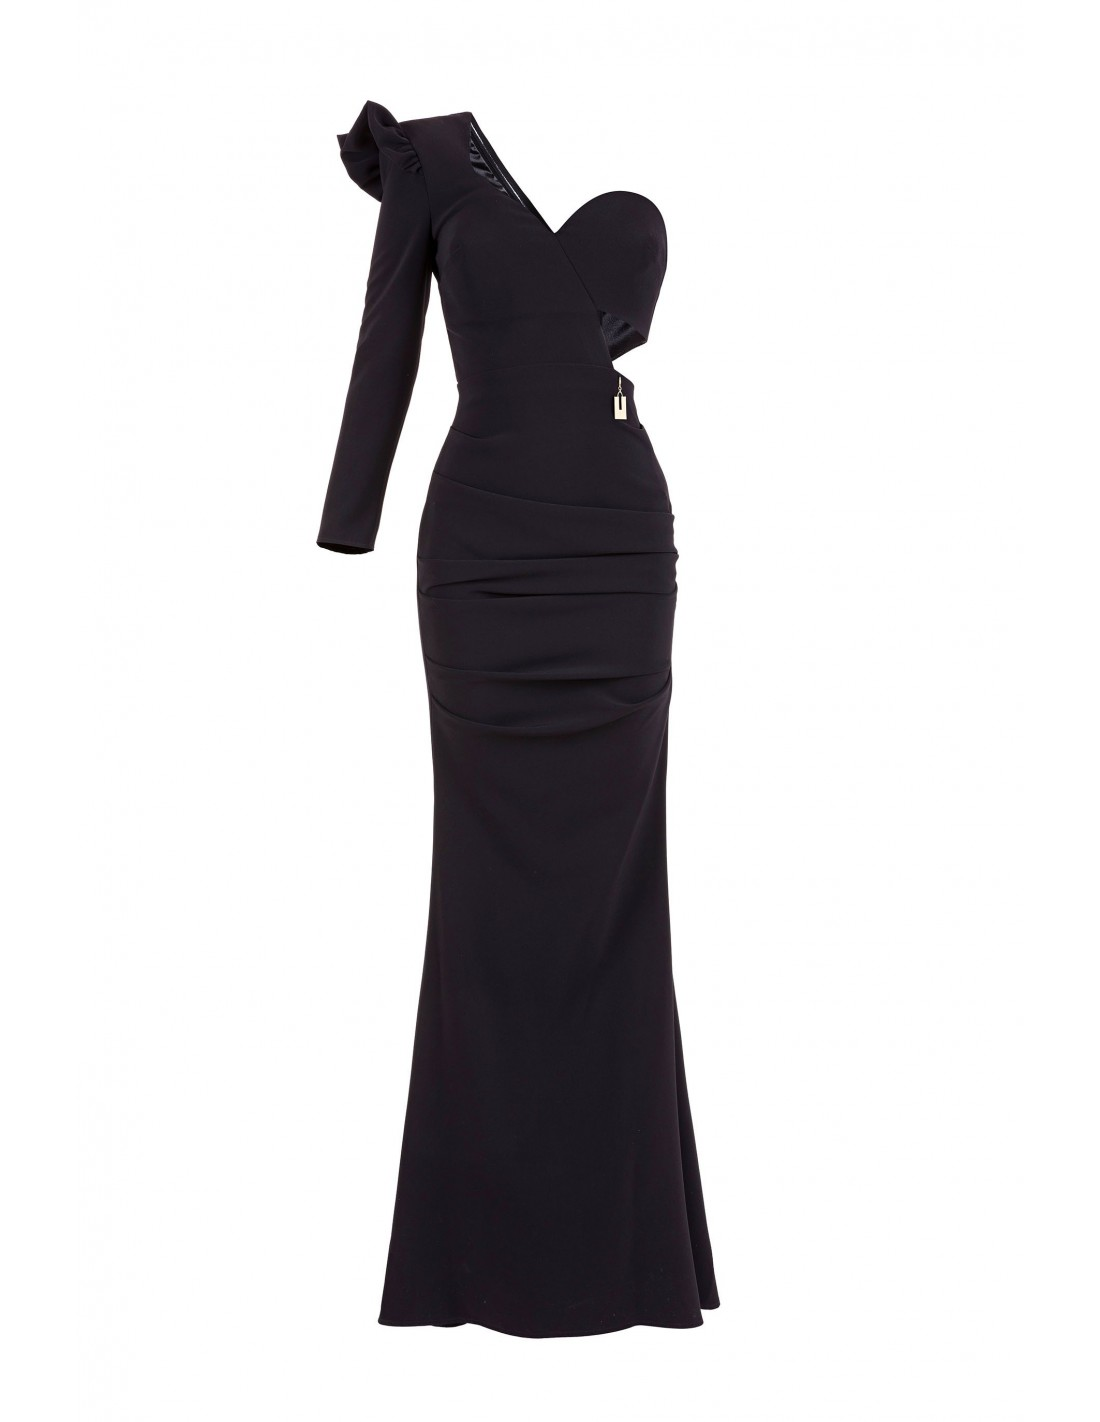 2db72011adcbdb Elisabetta Franchi One Shoulder Cutout Black Gown